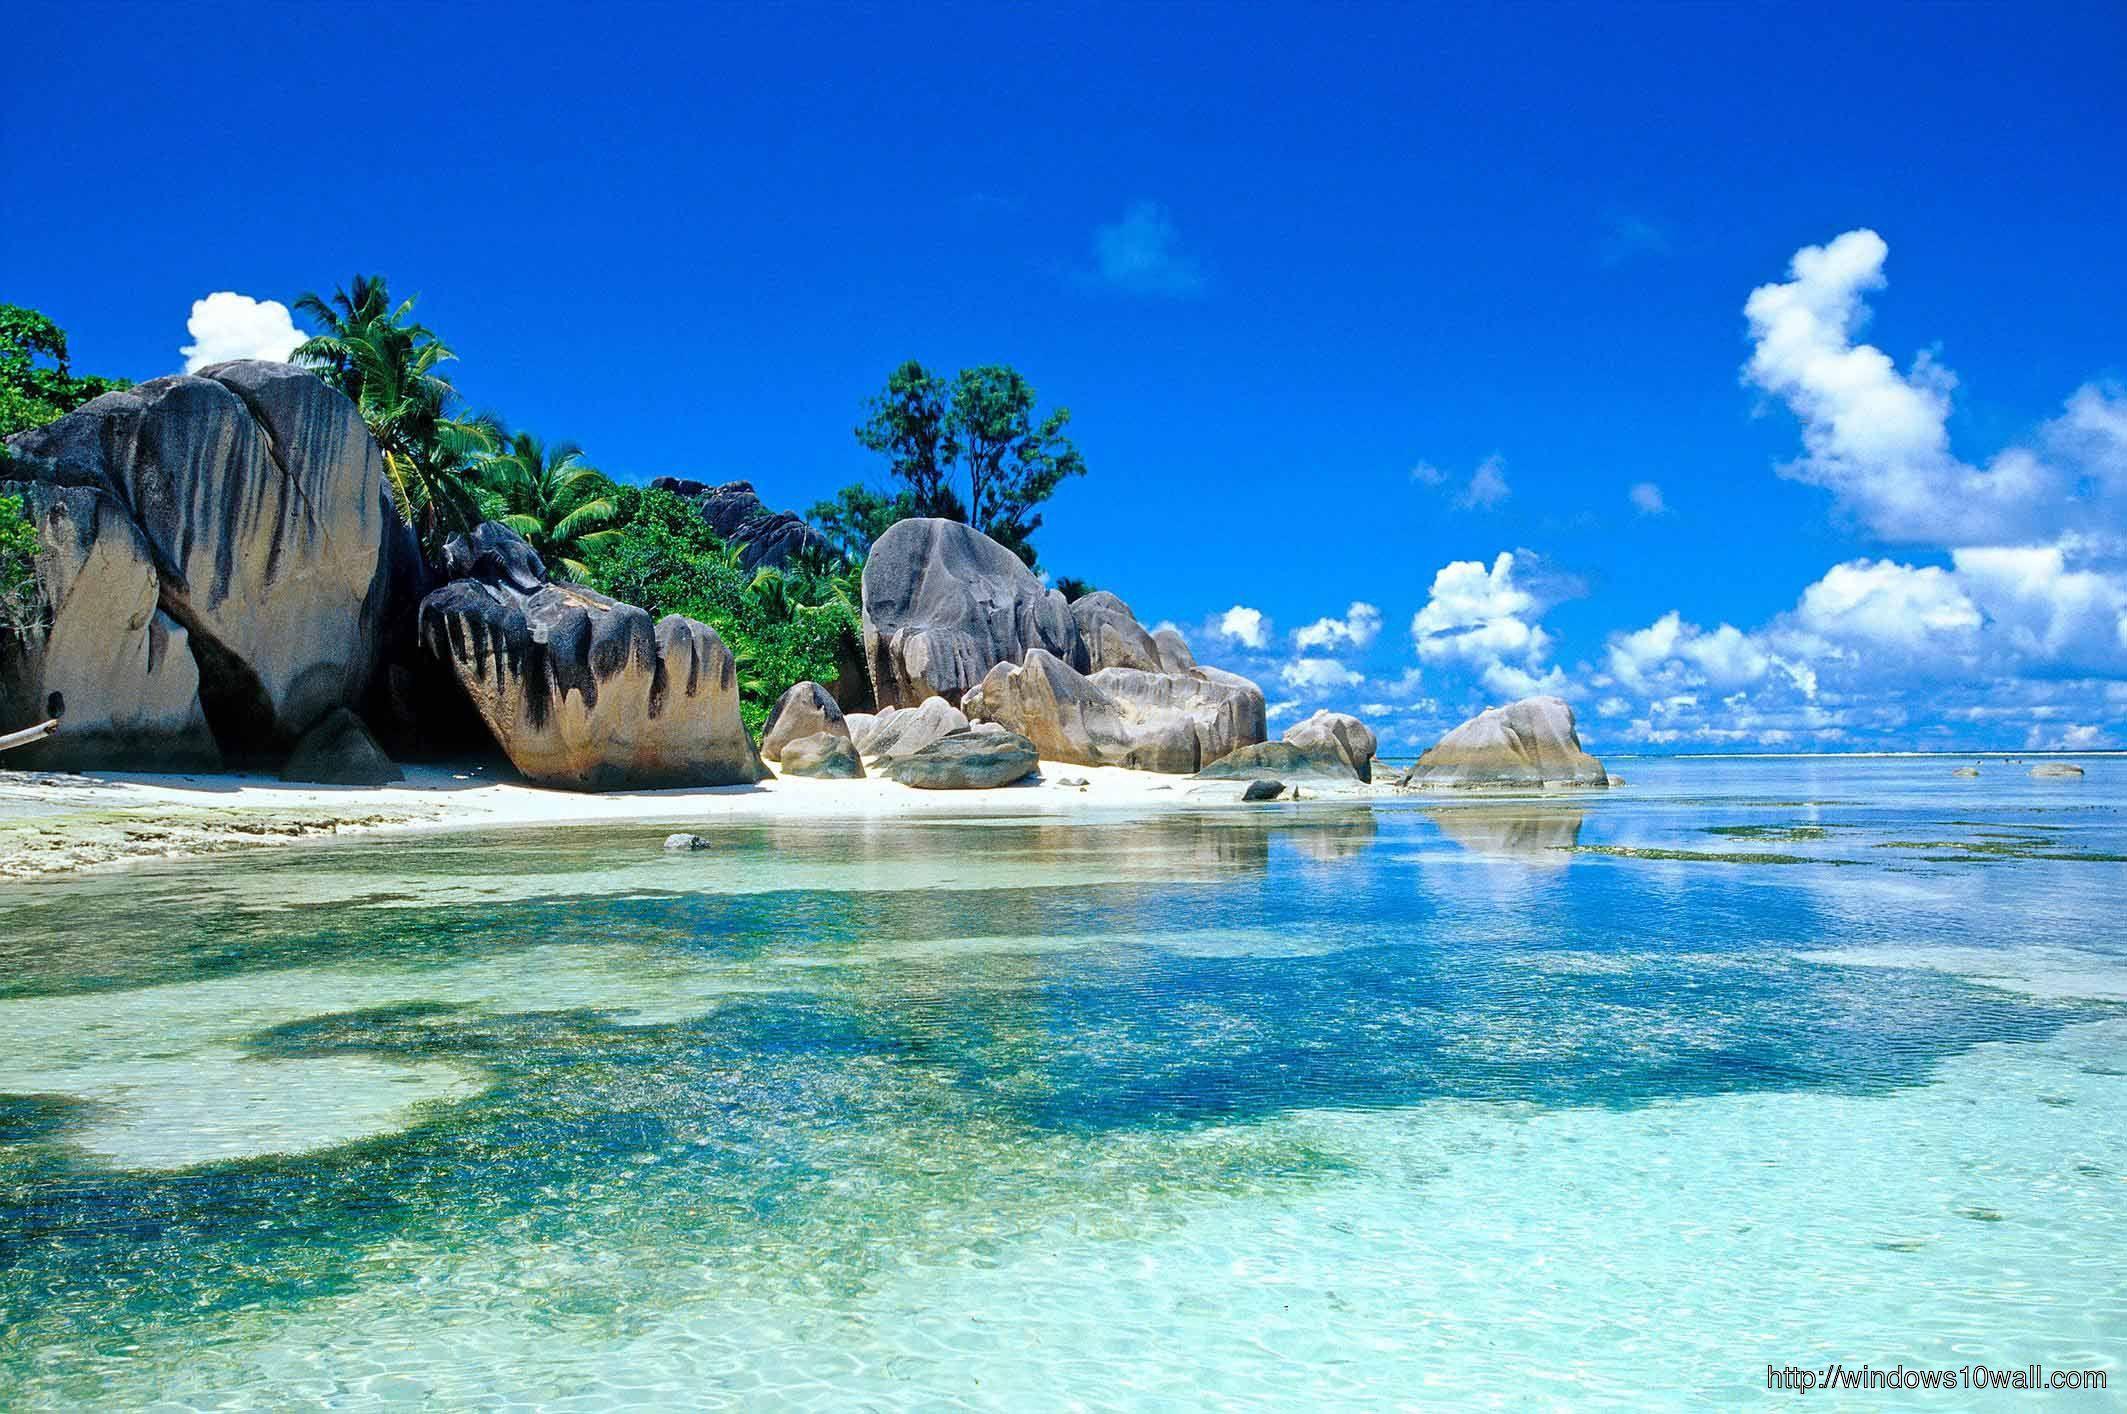 Background Wallpaper Hd Download 37471 Pantai Tempat Yang Indah Pemandangan